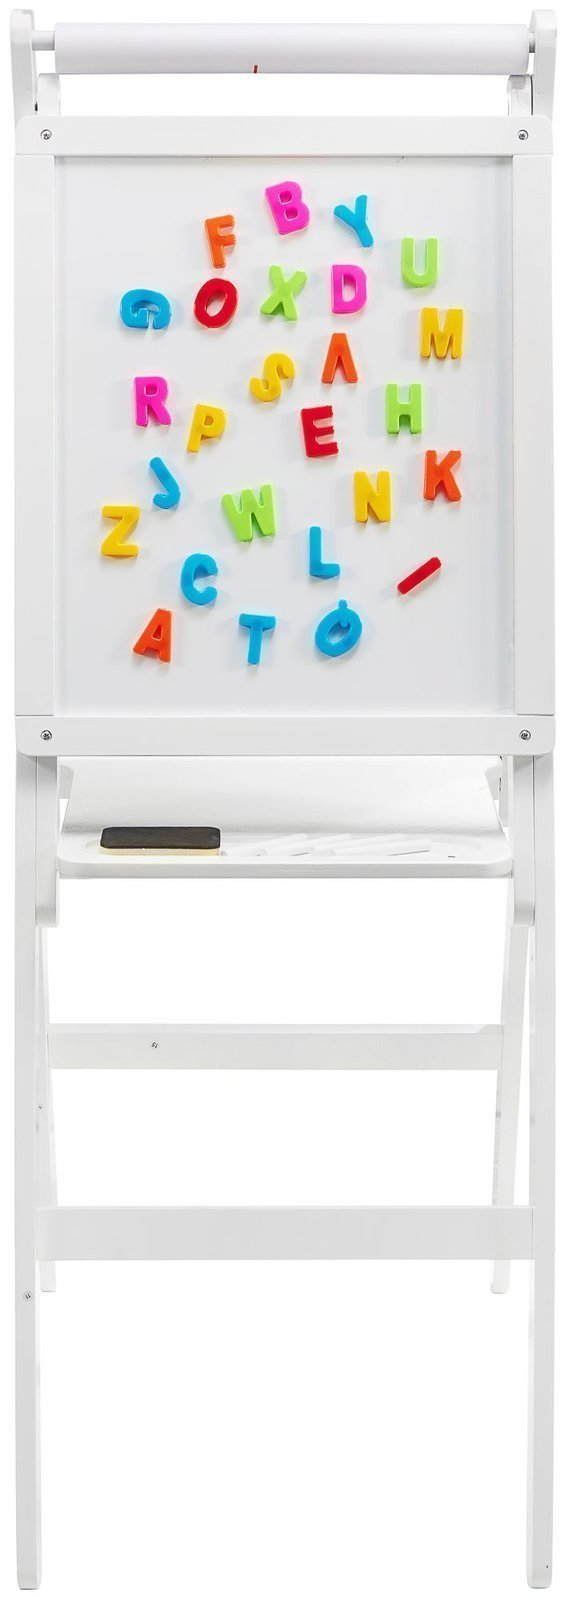 Tablica edukacyjna dwustronna: magnetyczna i kredowa - suchościeralna, drewniana, z rolką na papier